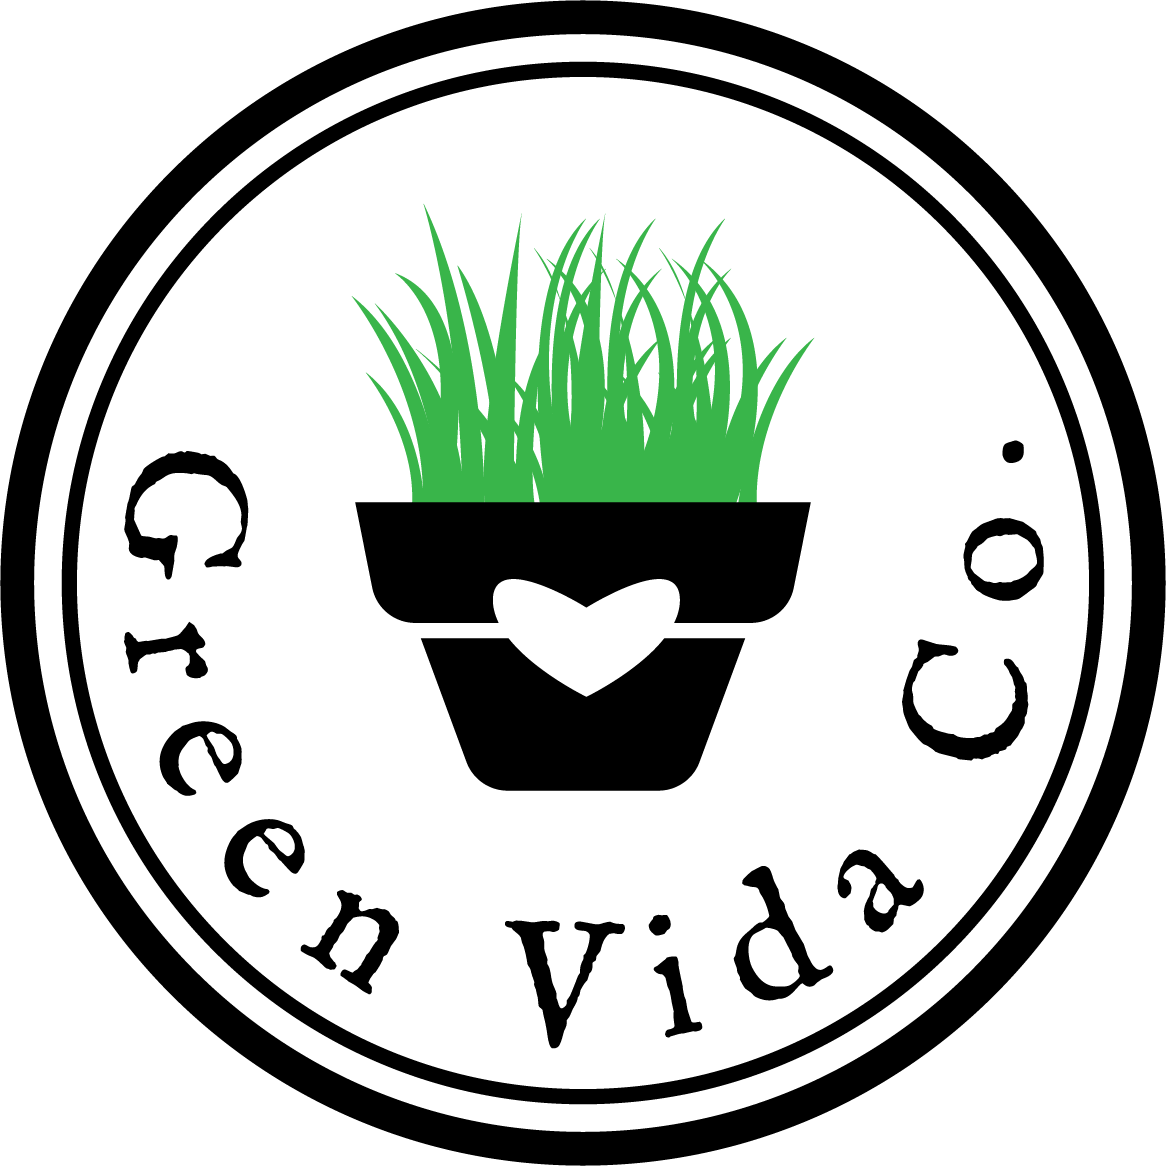 Green Vida Company